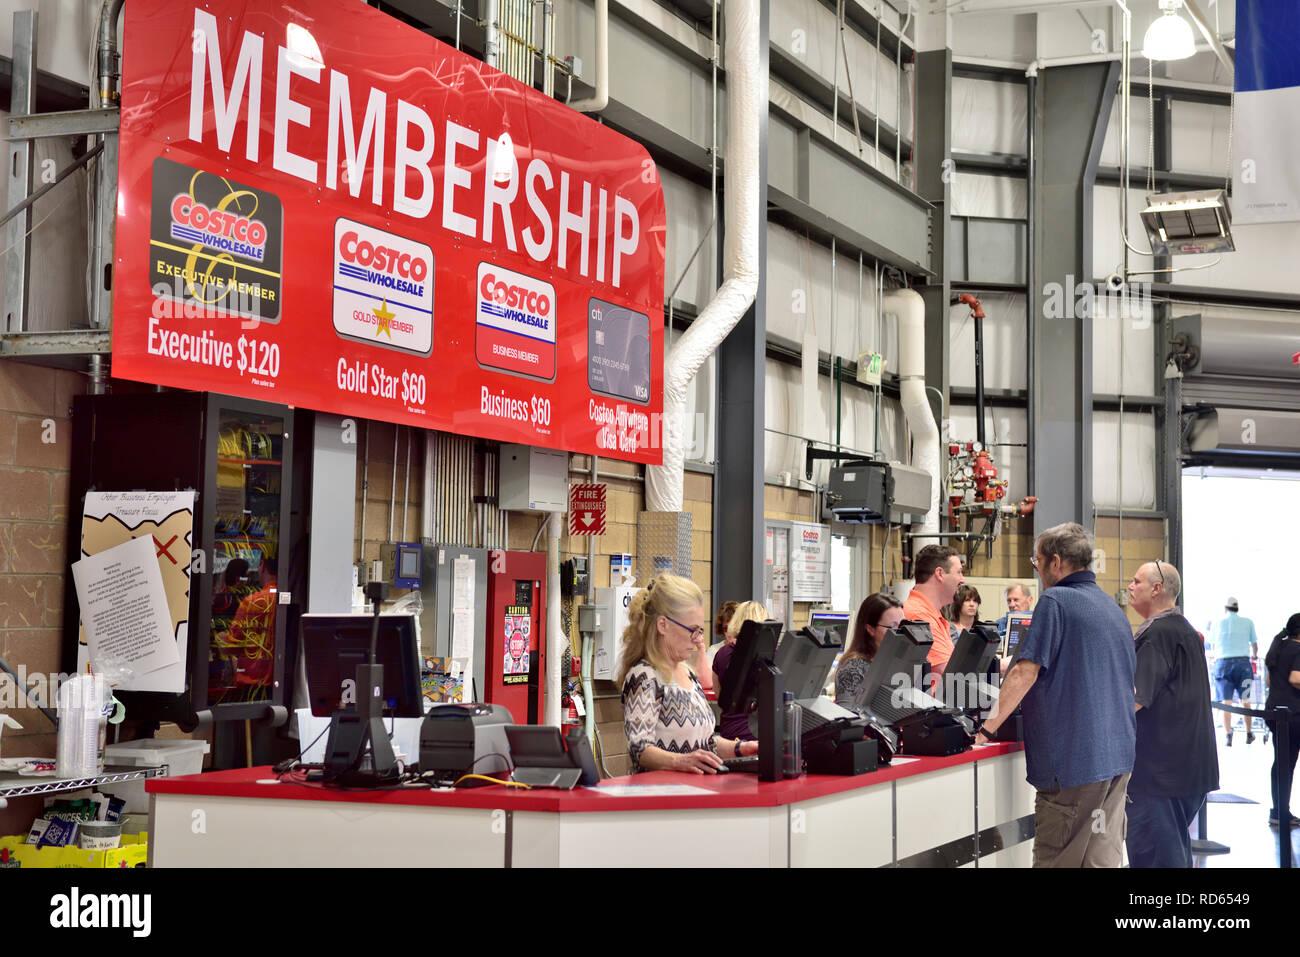 Costco Wholesale Warehouse composición contador con signo que indica los costos de tipos de membresía, EE.UU. Imagen De Stock